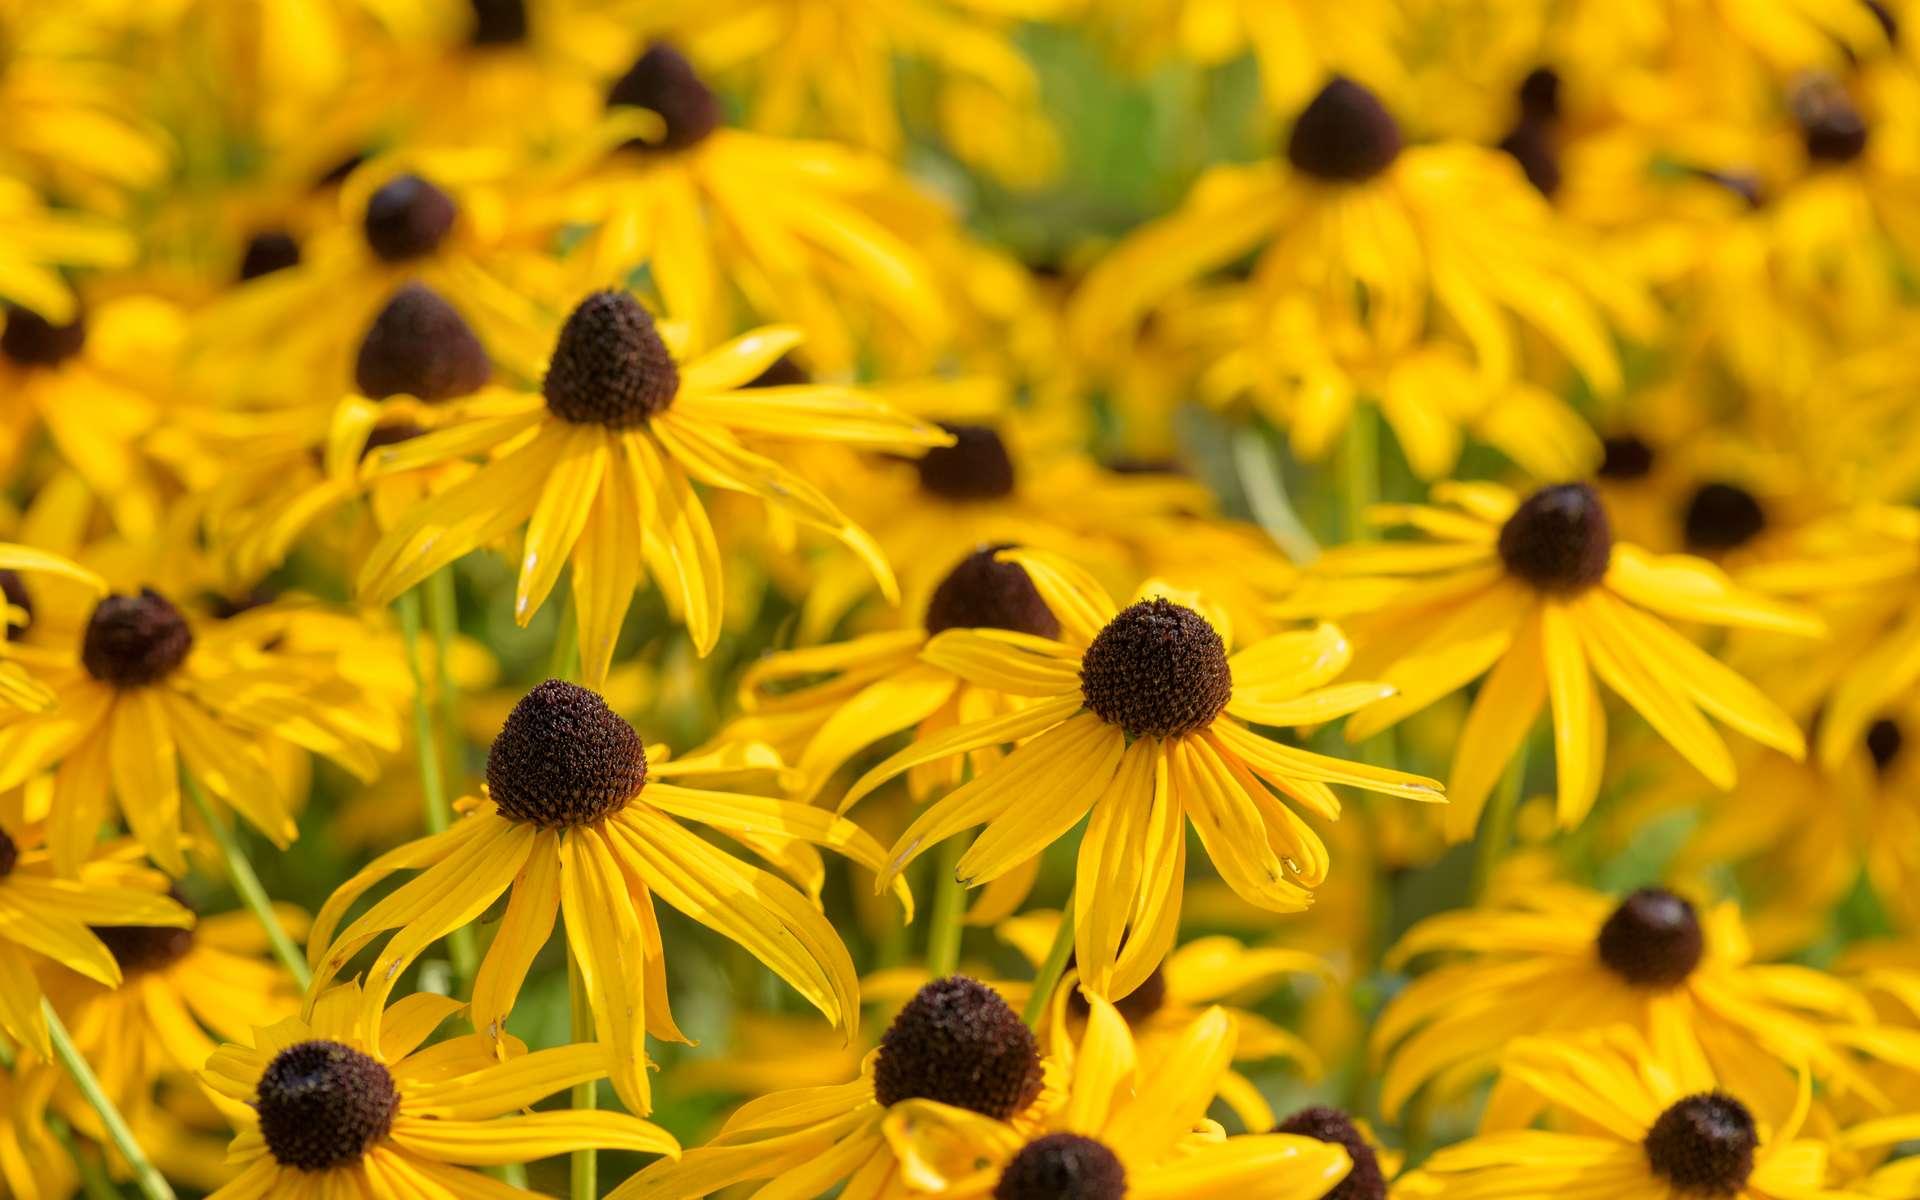 Les fleurs du rudbeckia aiment le soleil. En massif ou en bouquet, le rudbeckia jaune d'or au cœur noir est du plus bel effet. © Marek Walica, Adobe Stock